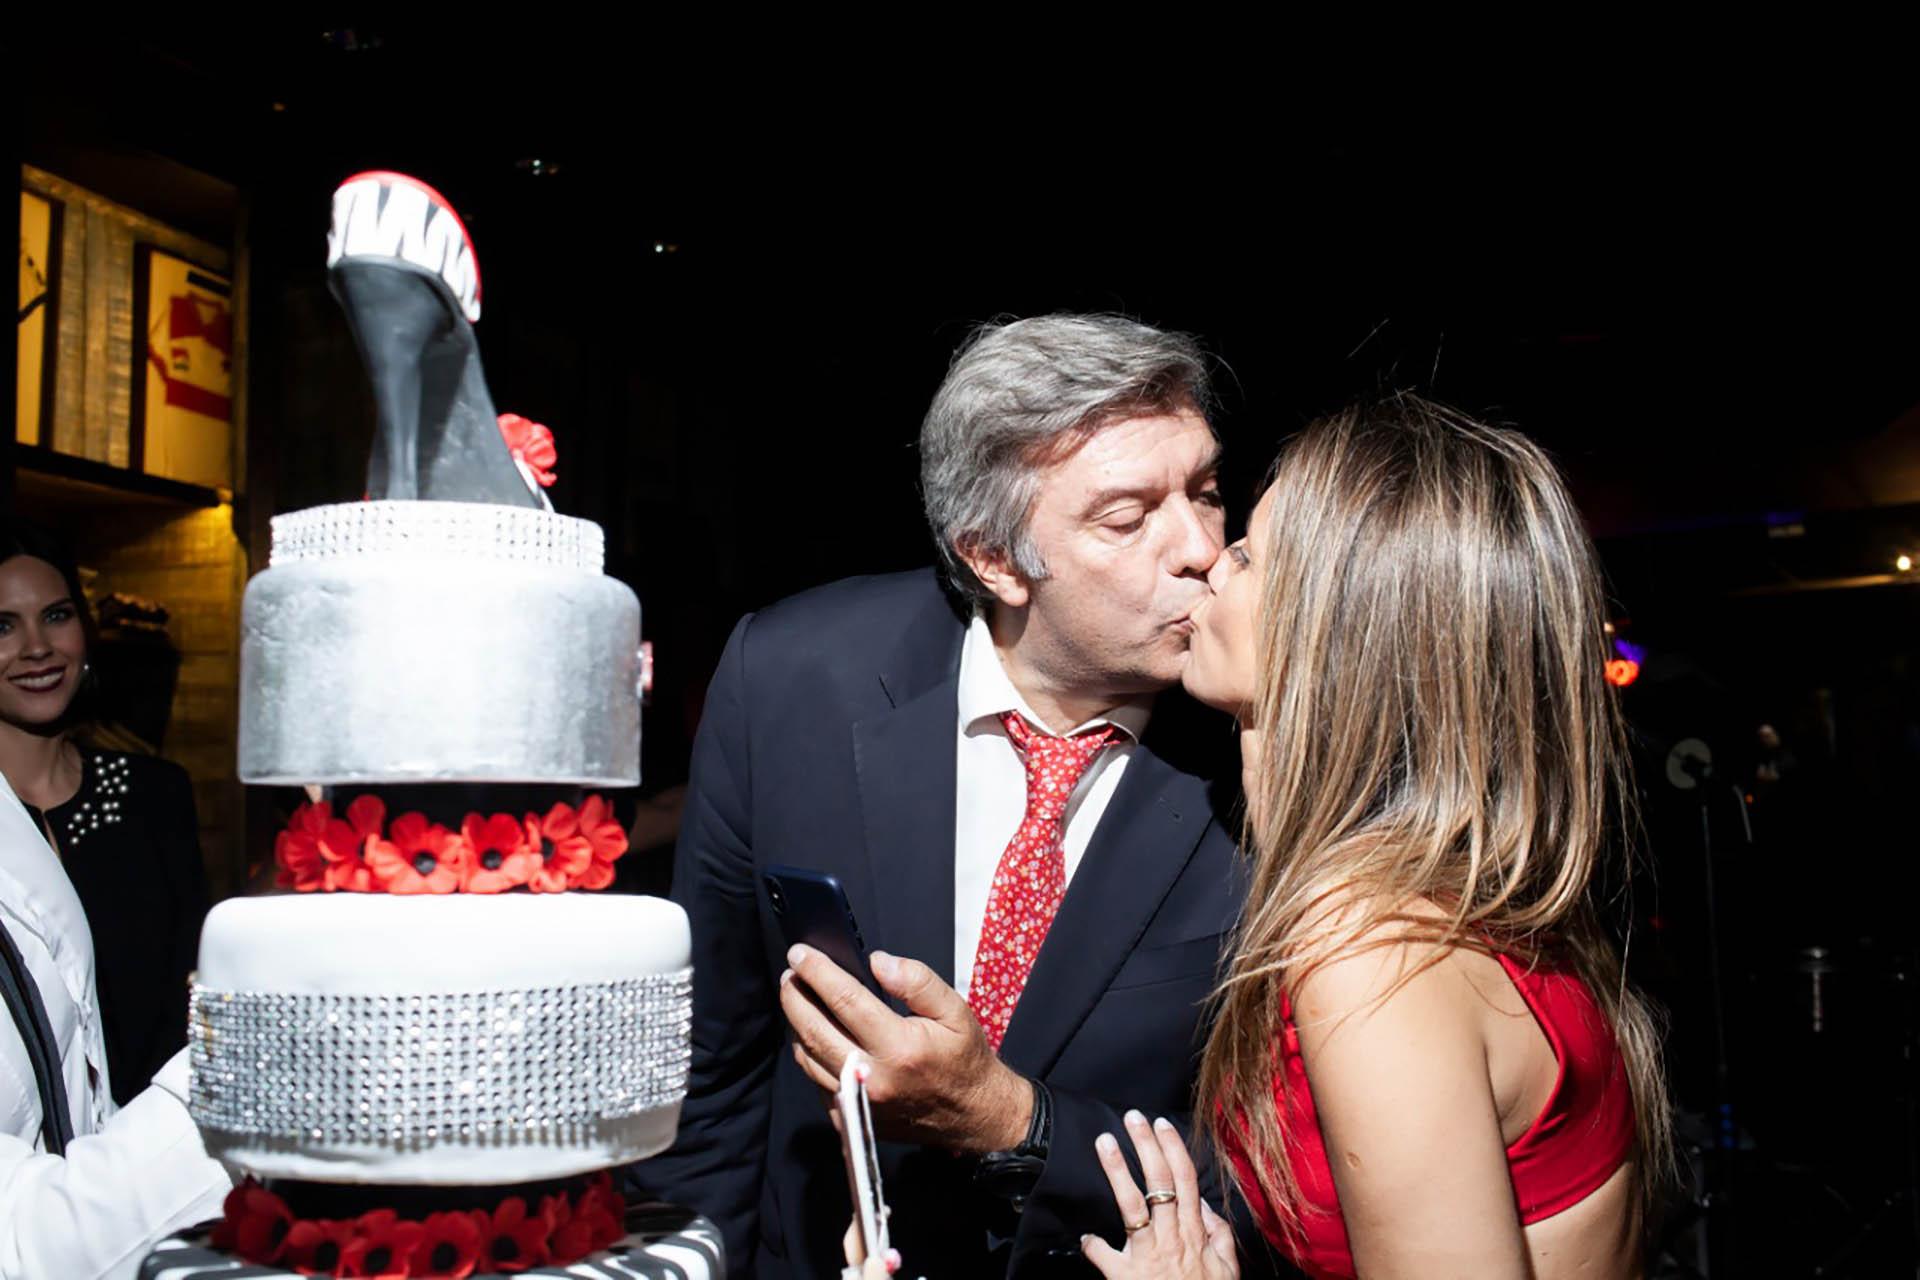 El momento de la torta, con beso incluido